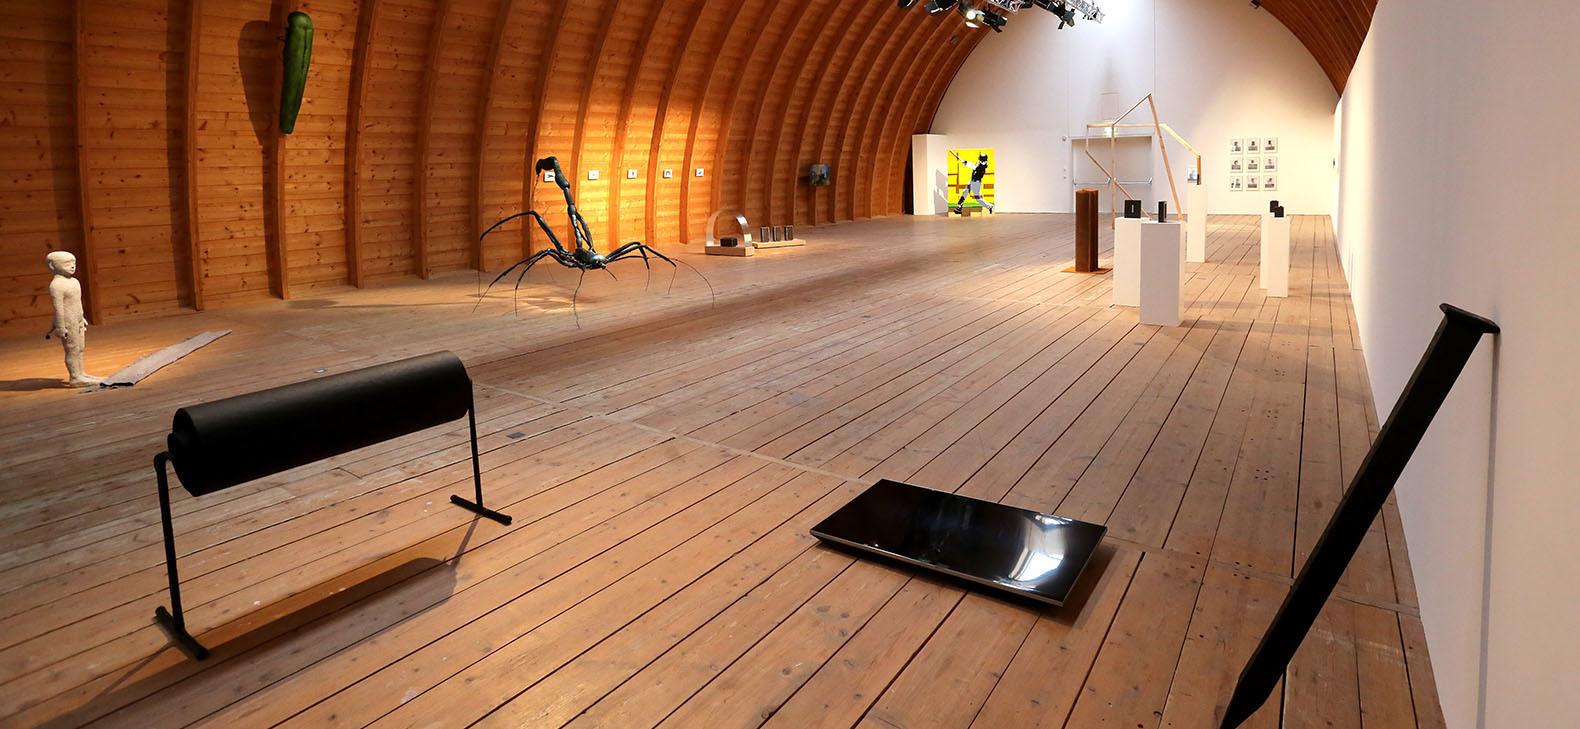 Ausstellung Wechselspiel, Schafhof 2017, Foto: Marco Einfeldt